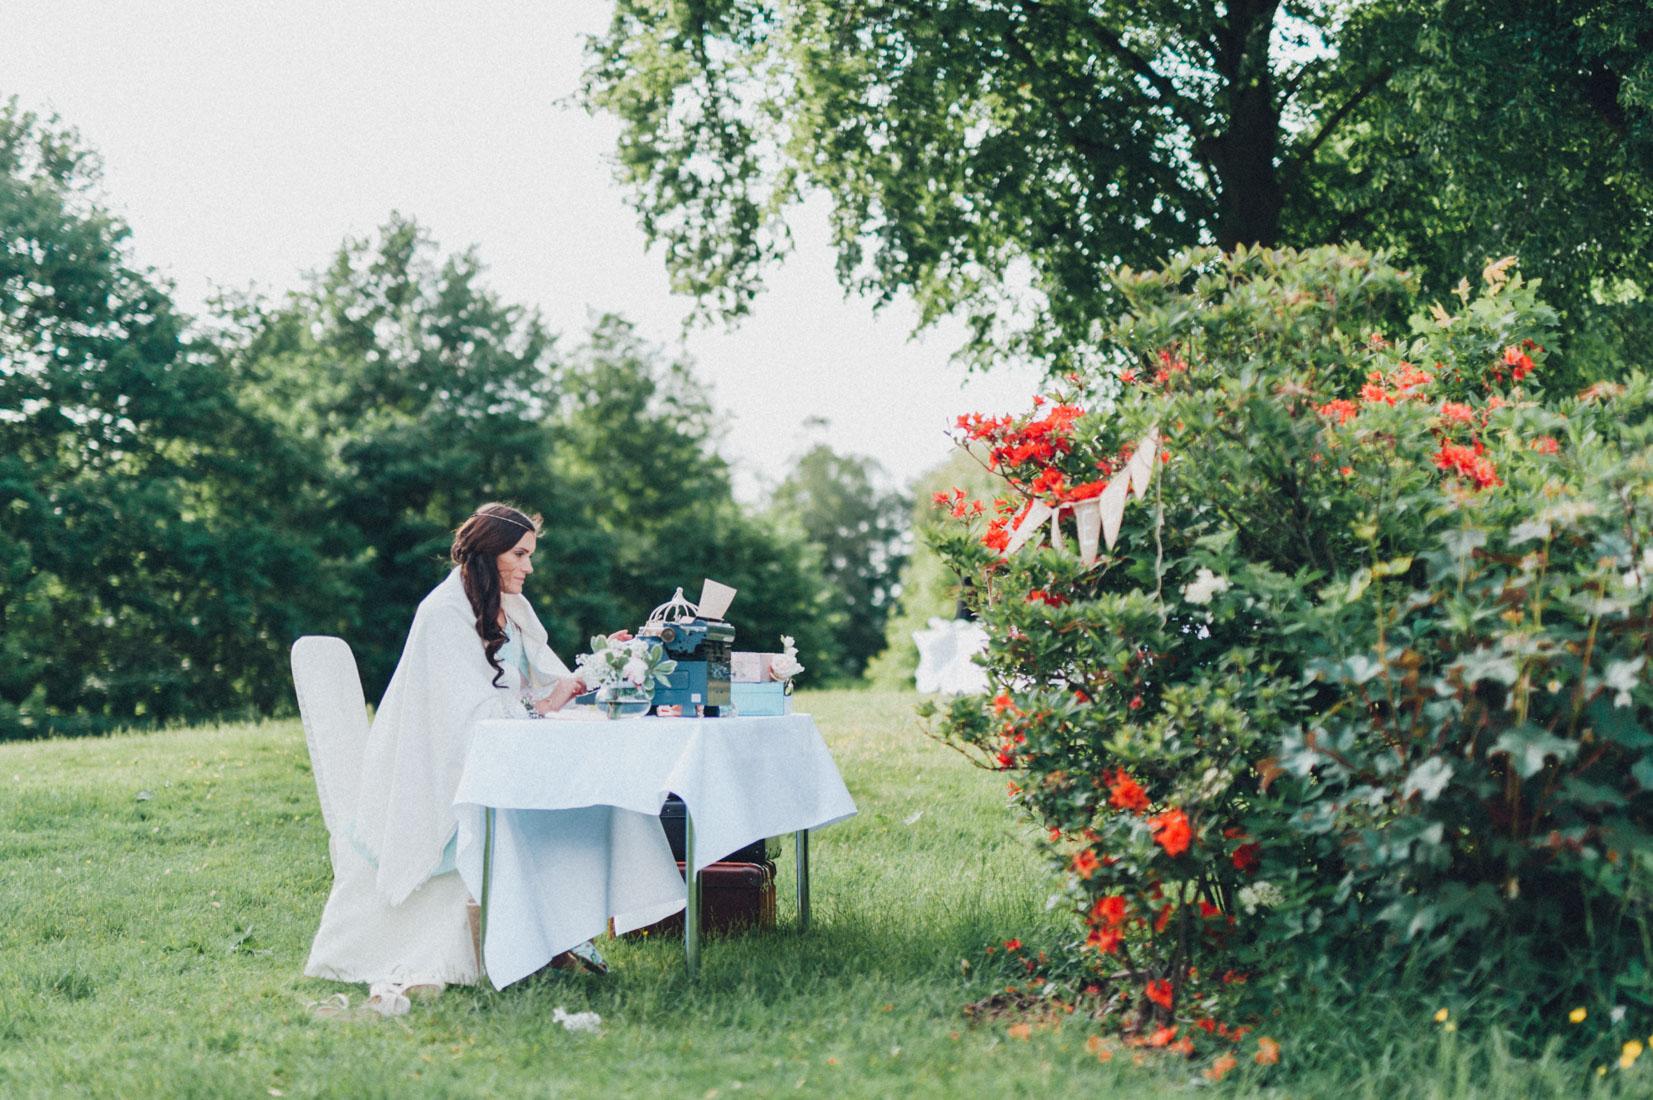 pastel-vintage-hertefeld-158 hochzeitsfotograf schloss hertefeldGalina & Robert DIY Pastel Vintage Hochzeit auf Schloss Hertefeldpastel vintage hertefeld 158